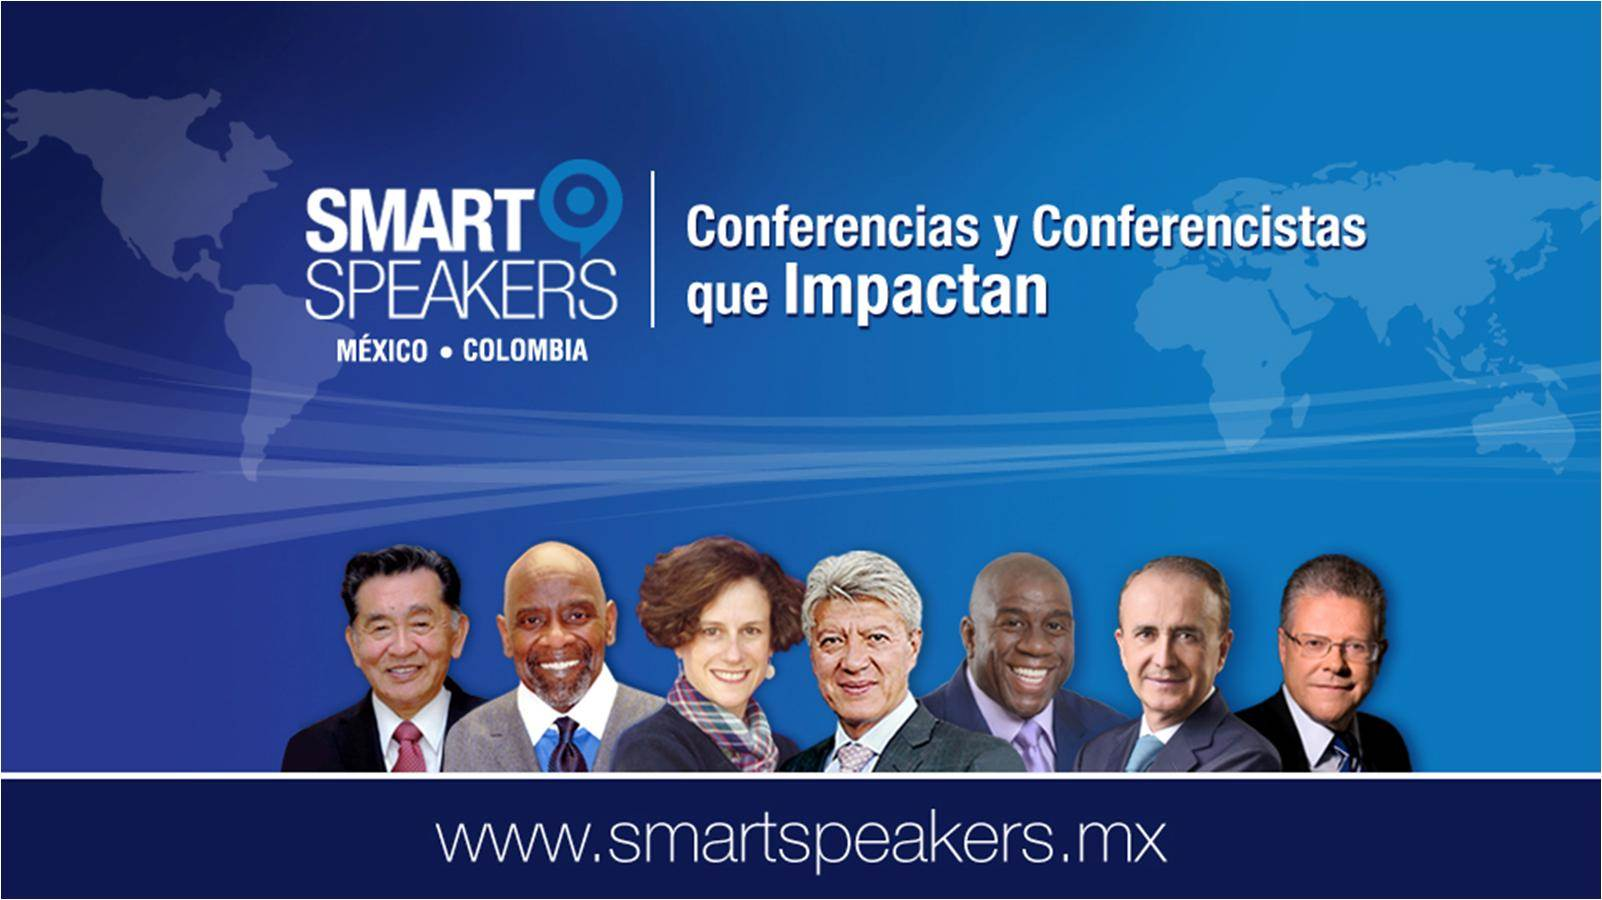 ¿Buscas ponentes para tu programa de conferencias? Te presentamos a Smart Speakers